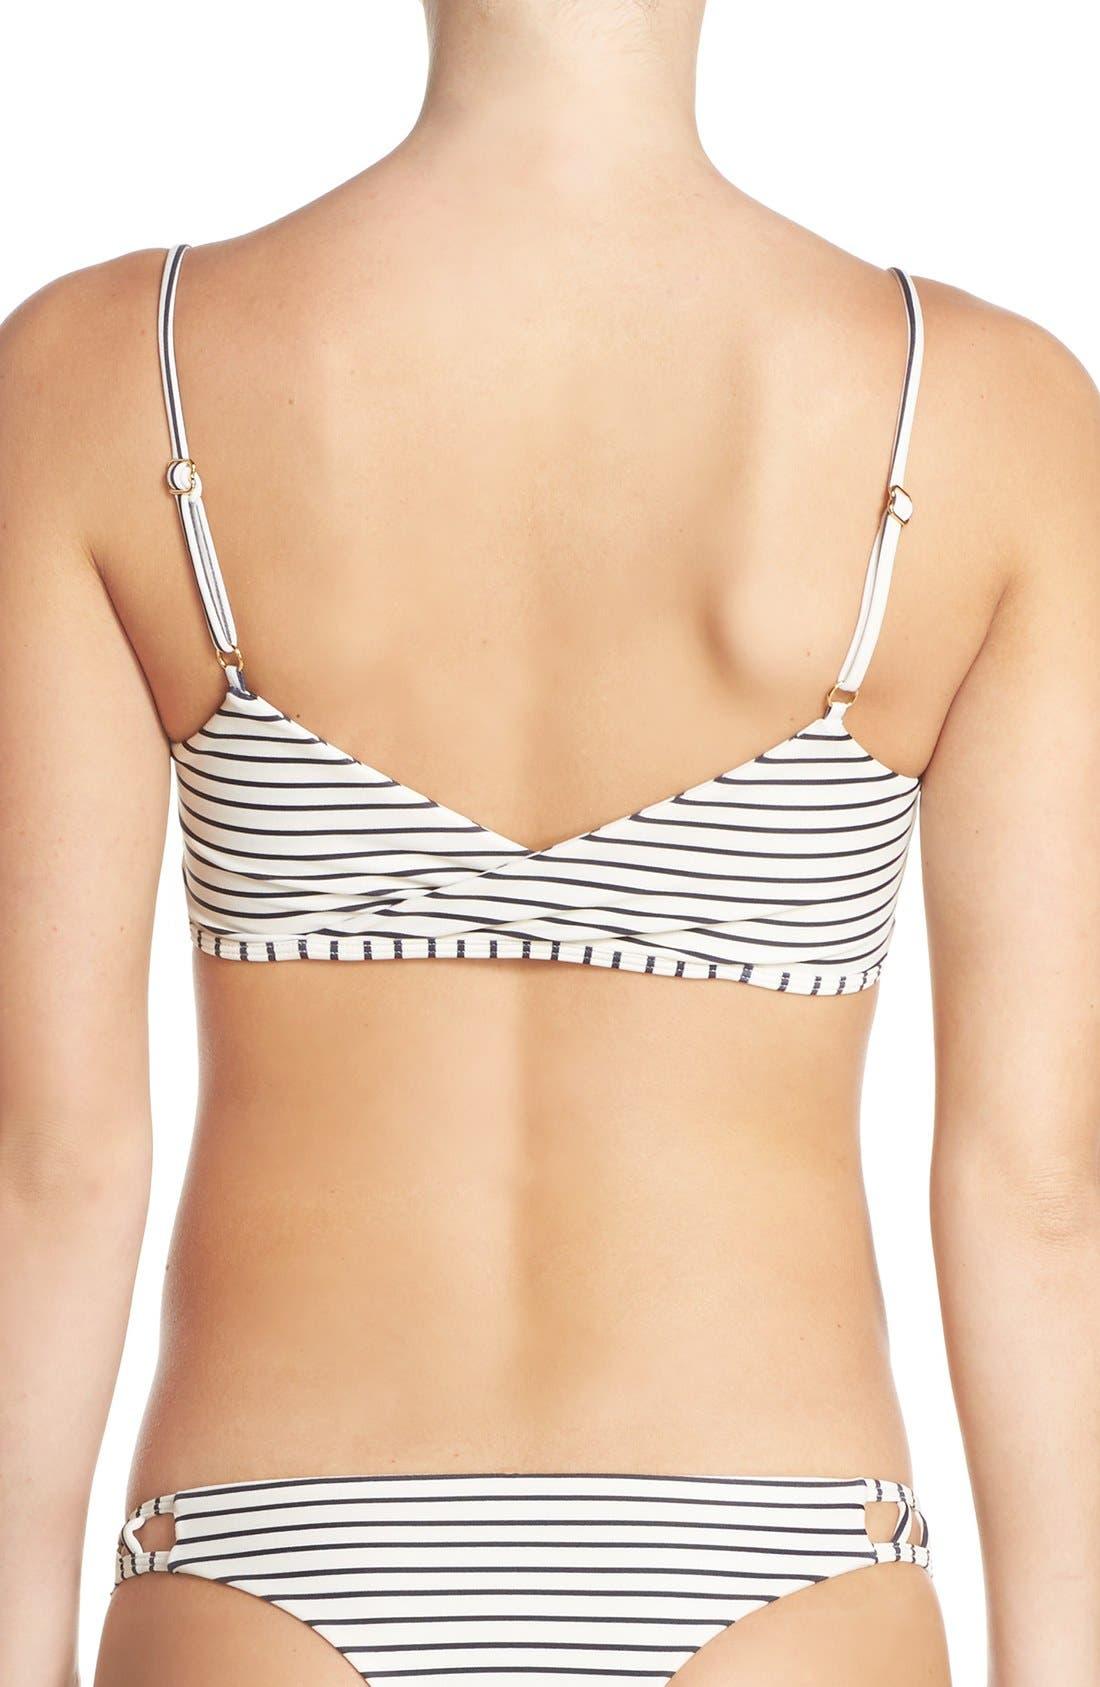 Alternate Image 2  - Issa de' mar 'Hina' Strappy Neck Bikini Top